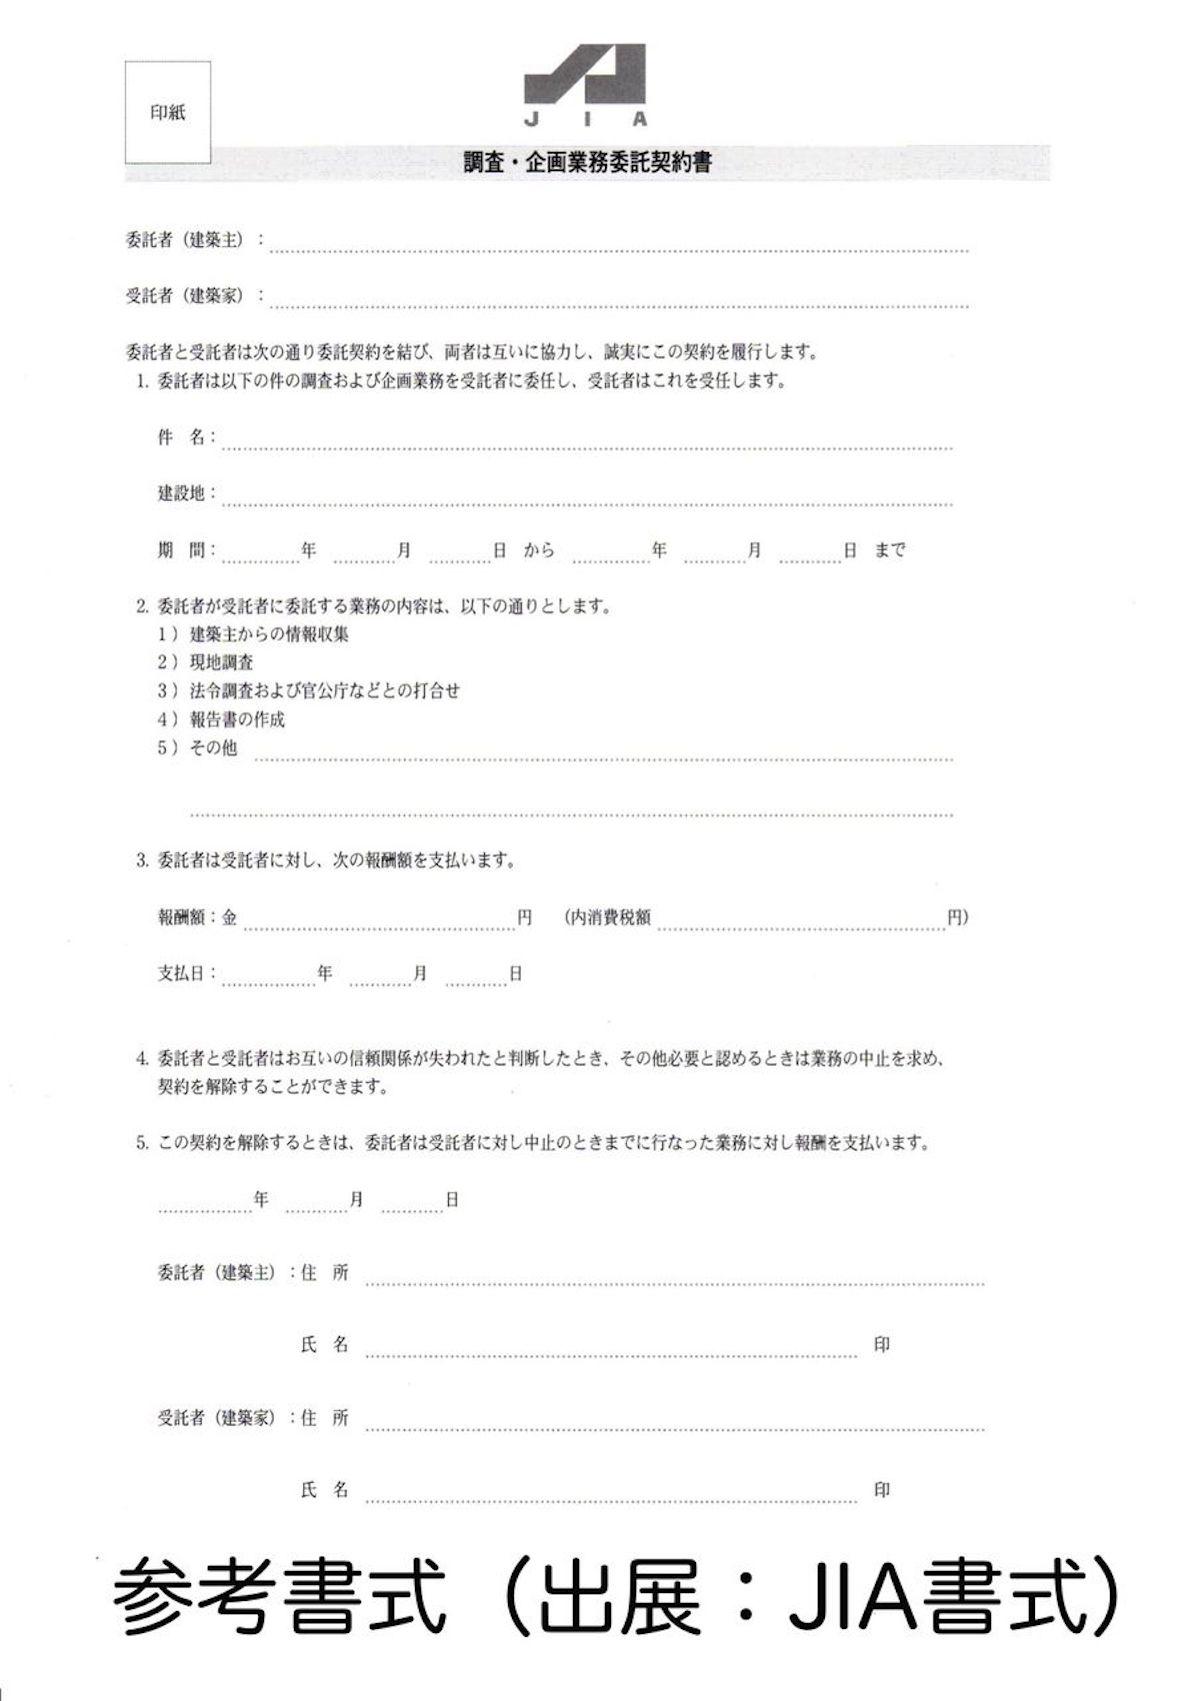 調査・企画業務委託契約書